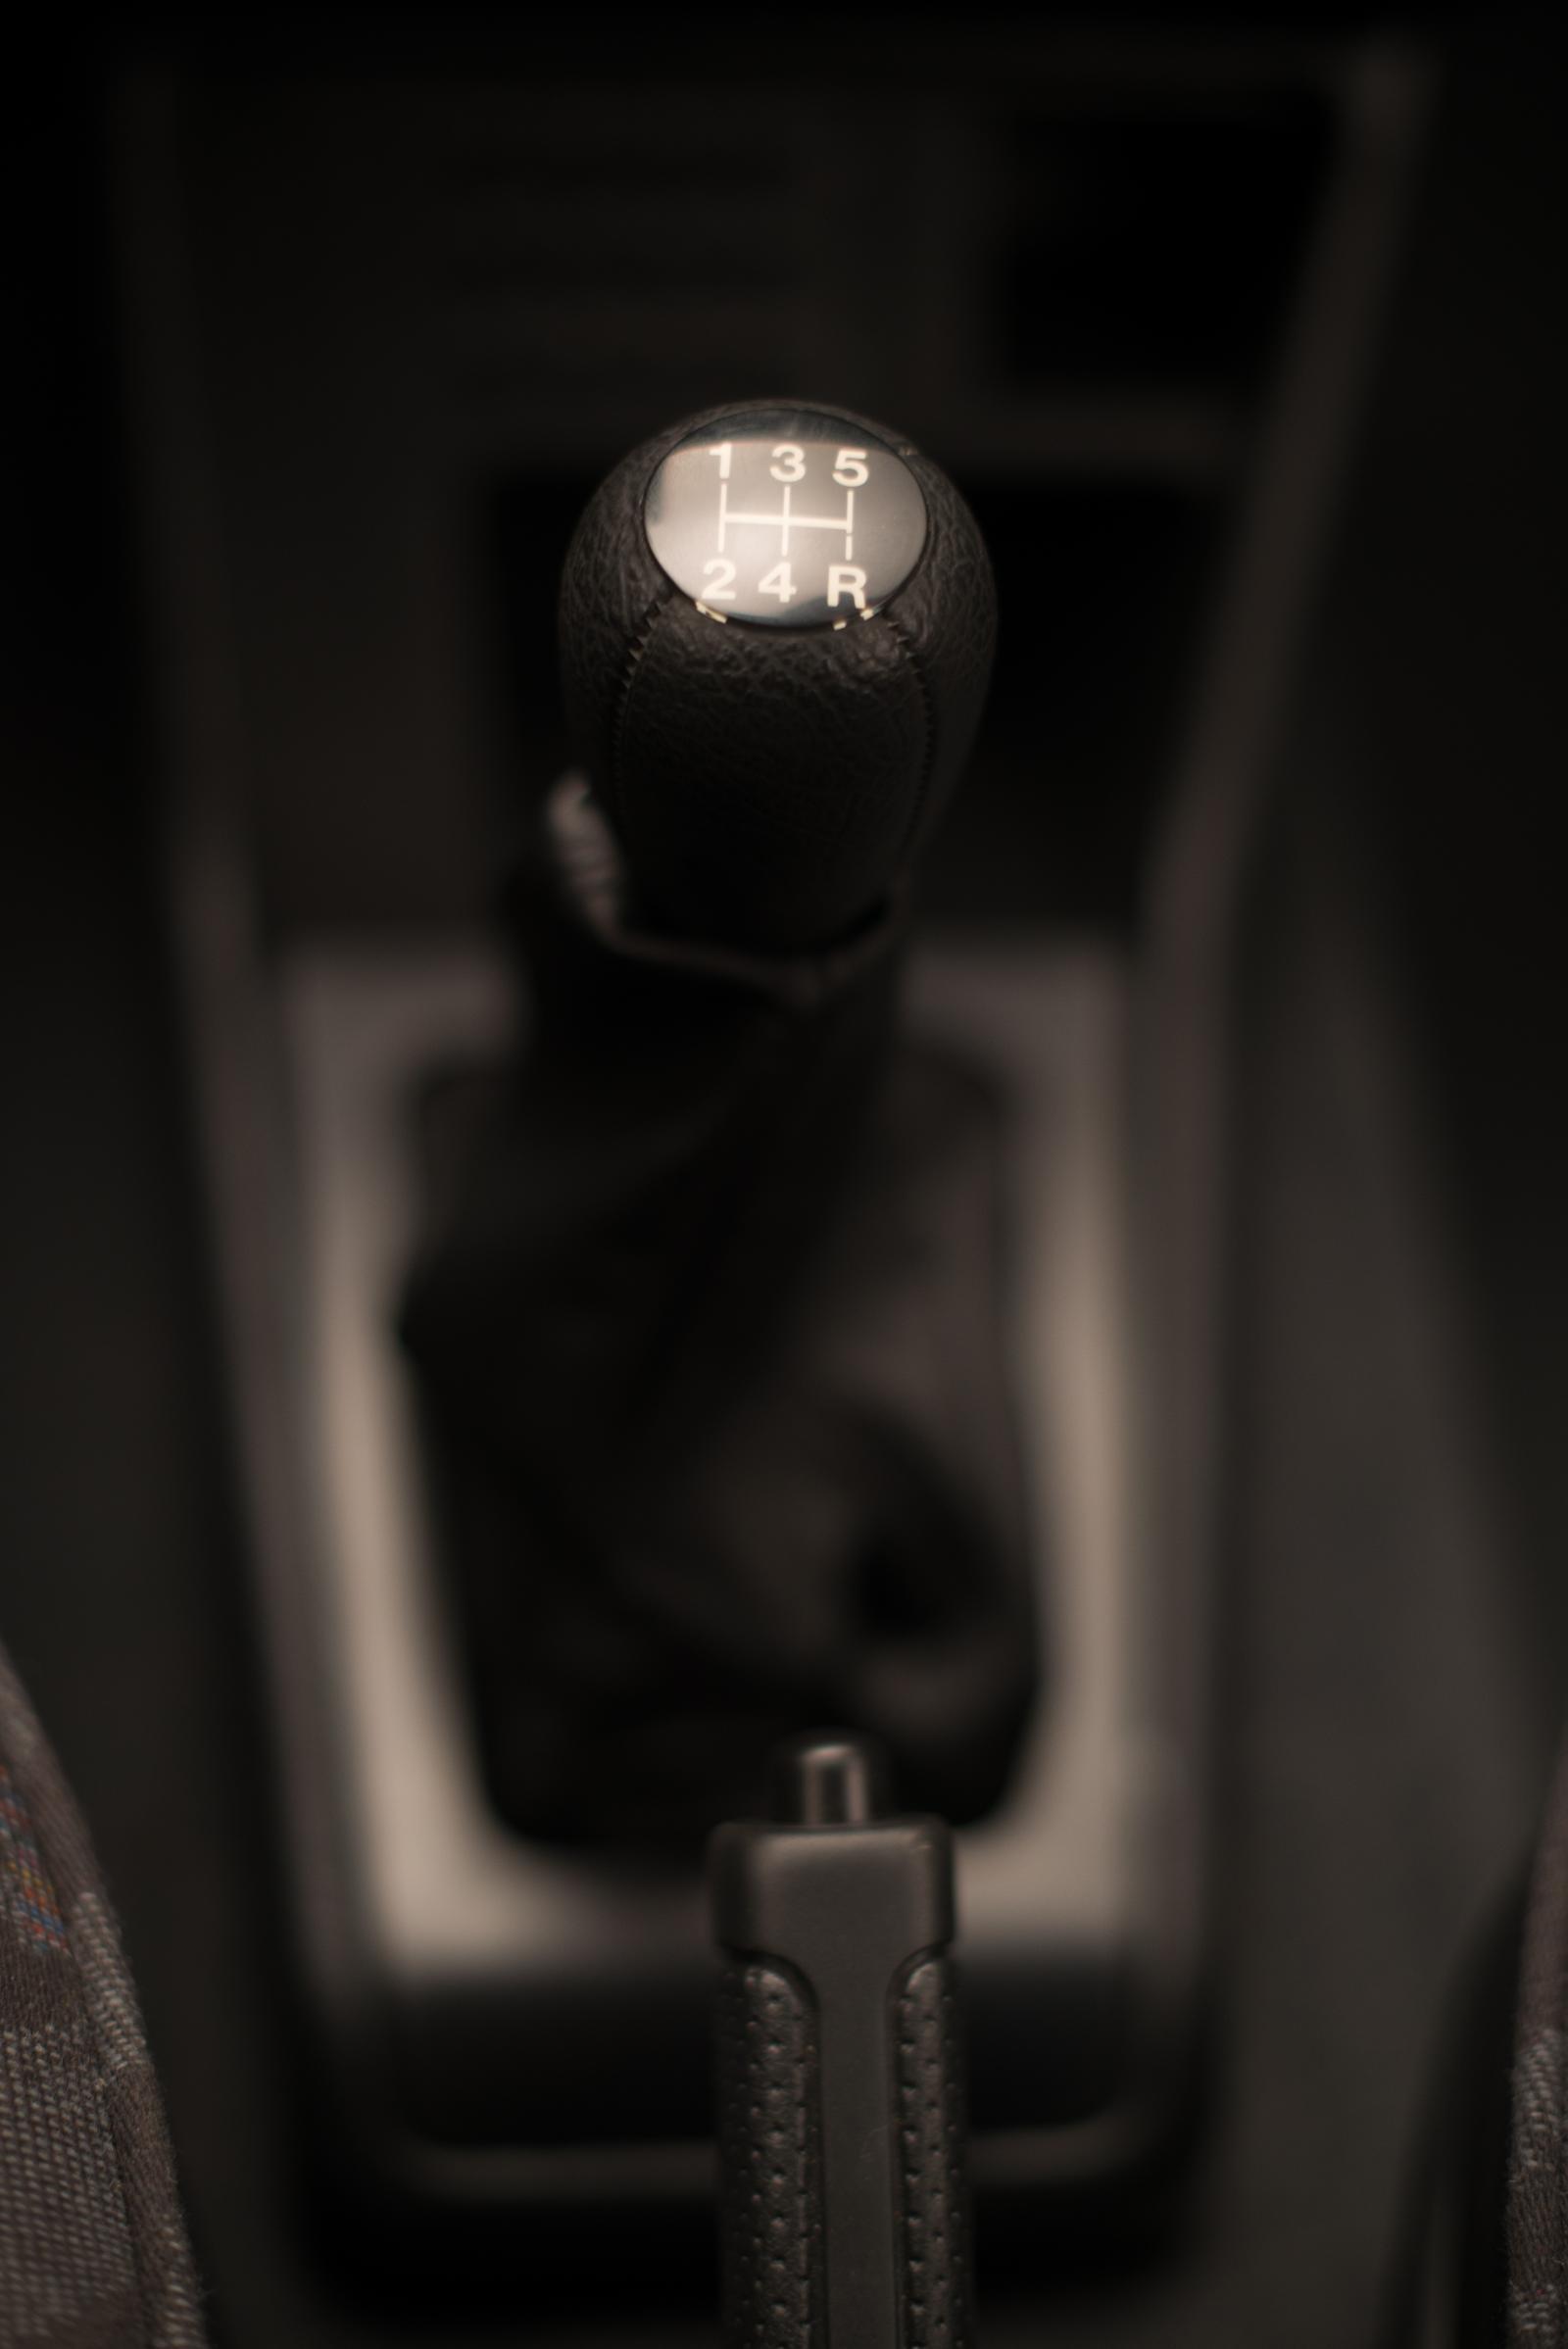 ZX levier de vitesse